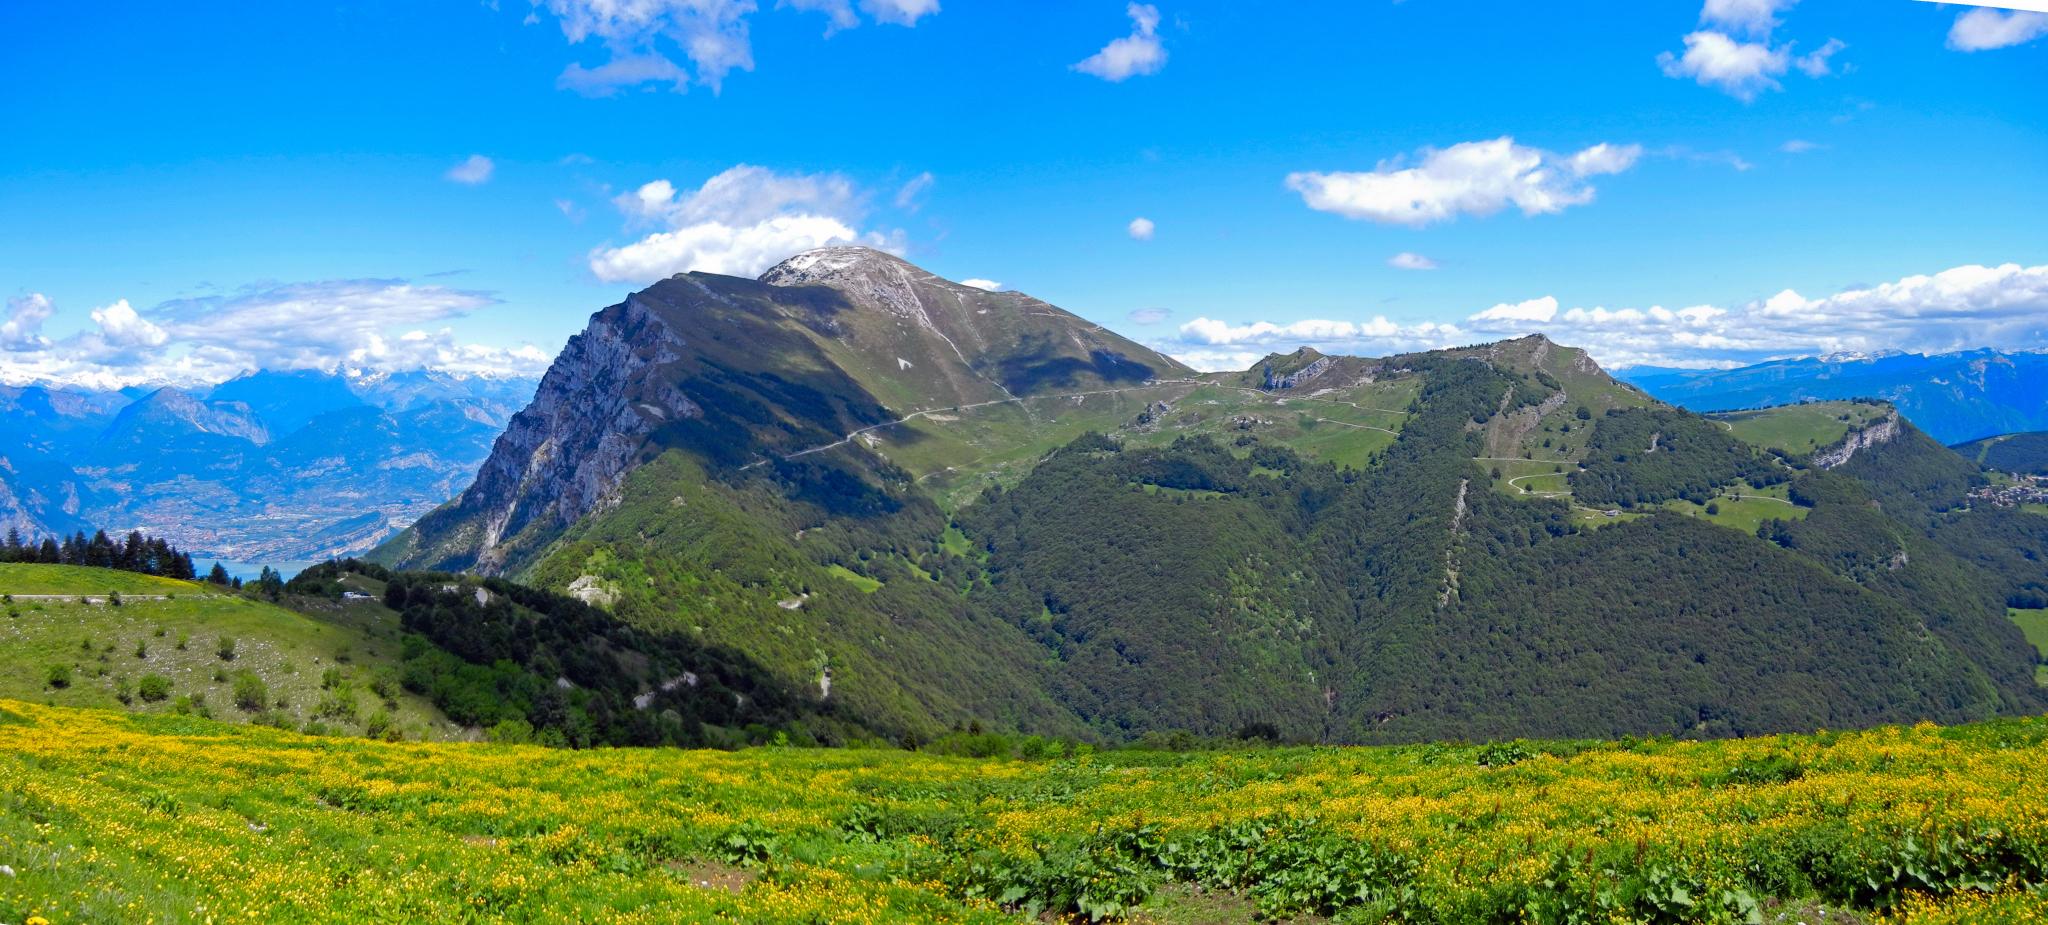 Offerta vacanza benessere nel Parco del Baldo in Trentino